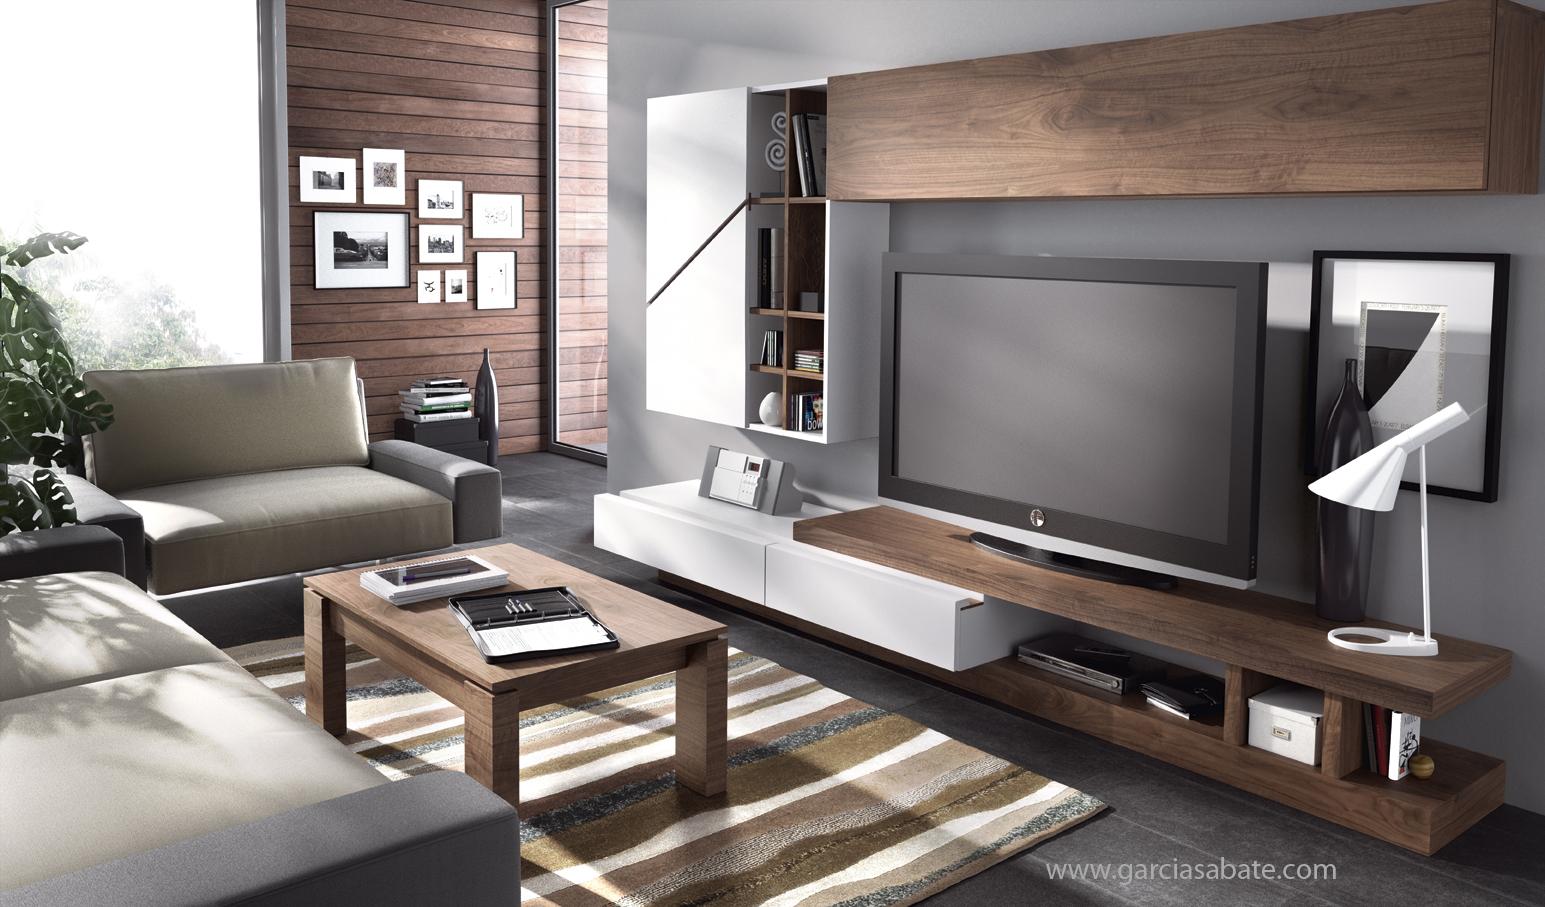 Informaci n de mobiliario muebles de television formas y for Muebles y comedores modernos